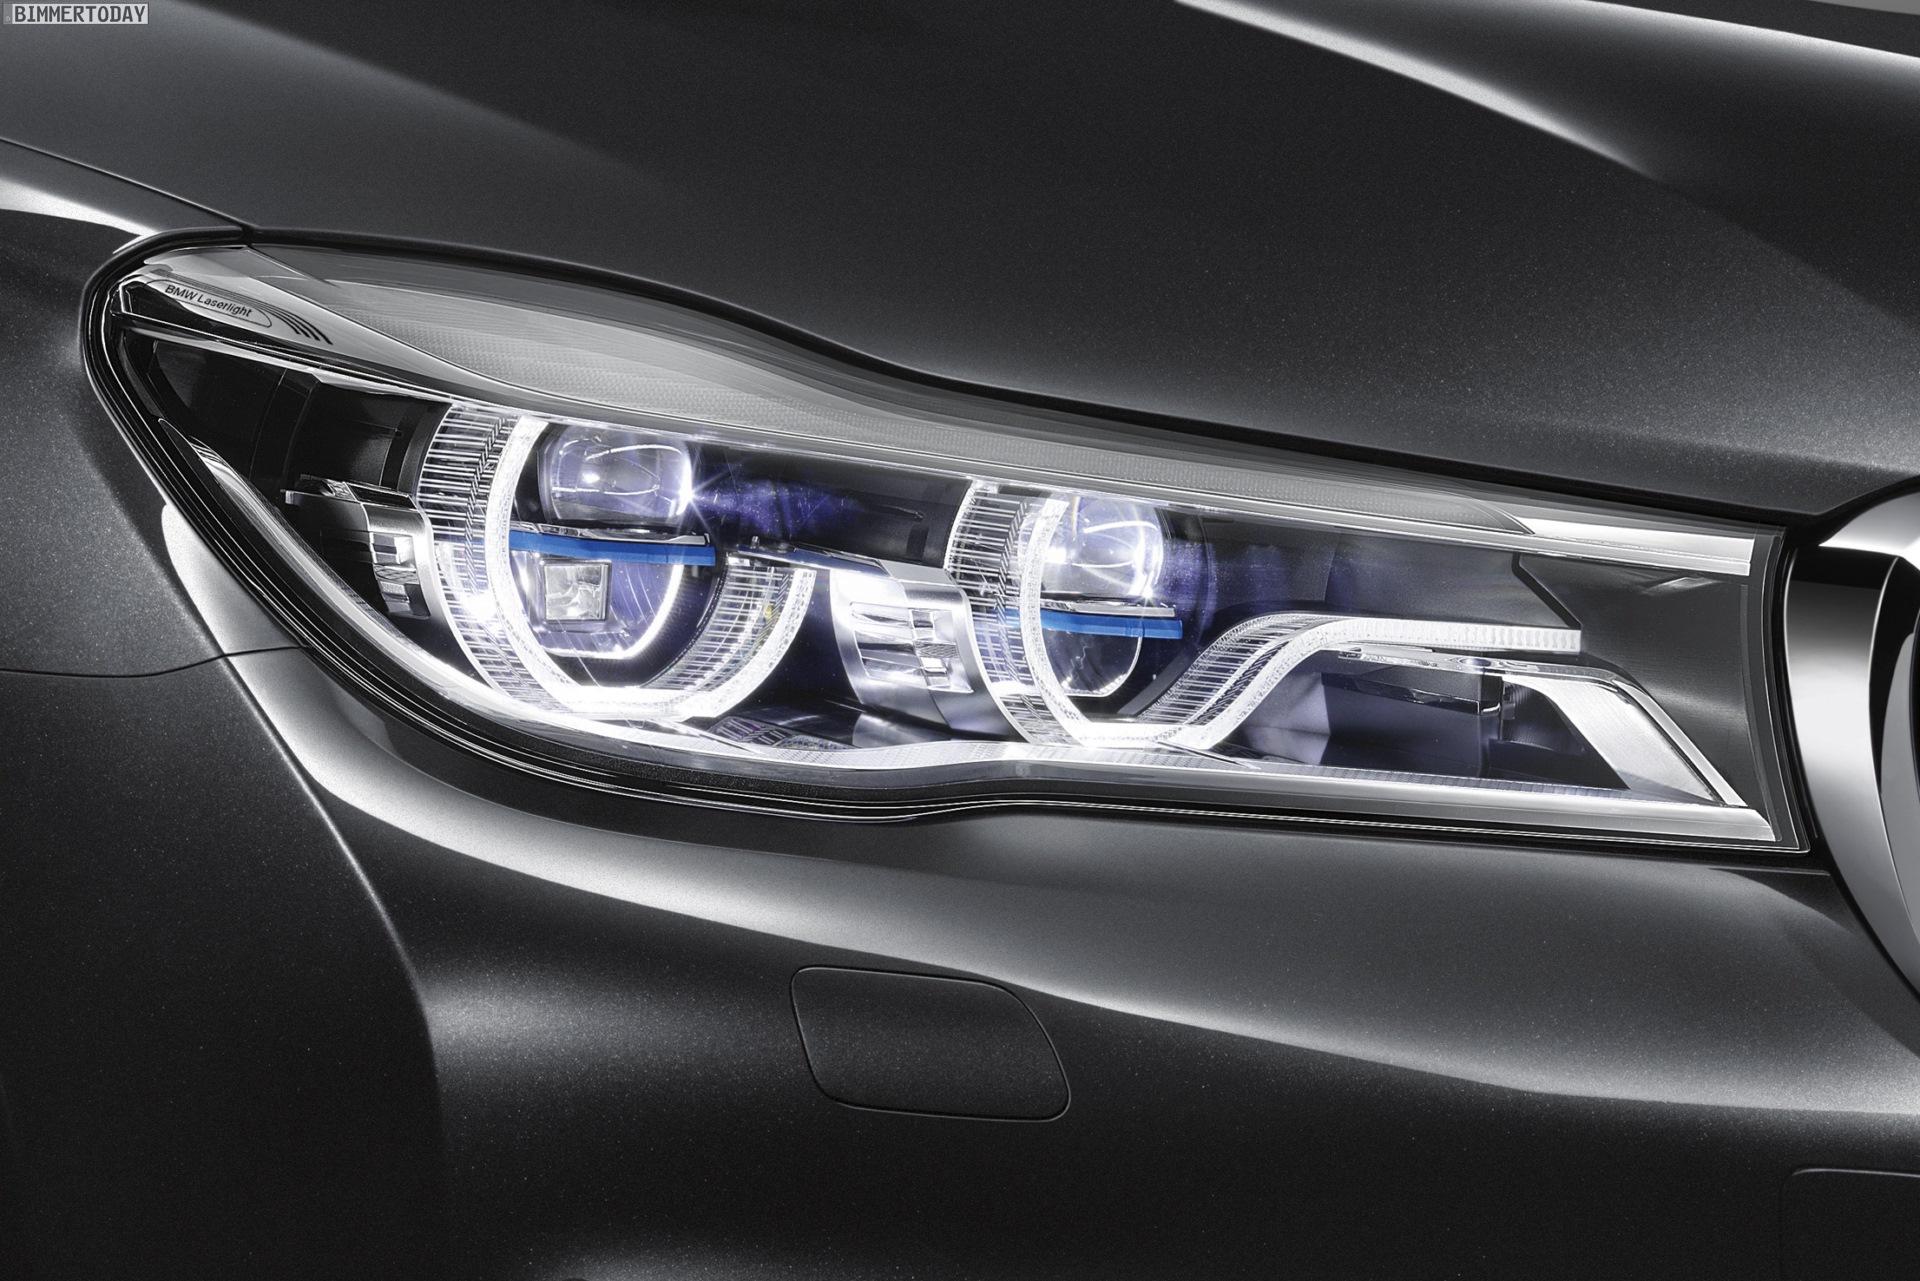 Bmw 7er 2015 Neue Laserlicht Scheinwerfer Mit Selective Beam